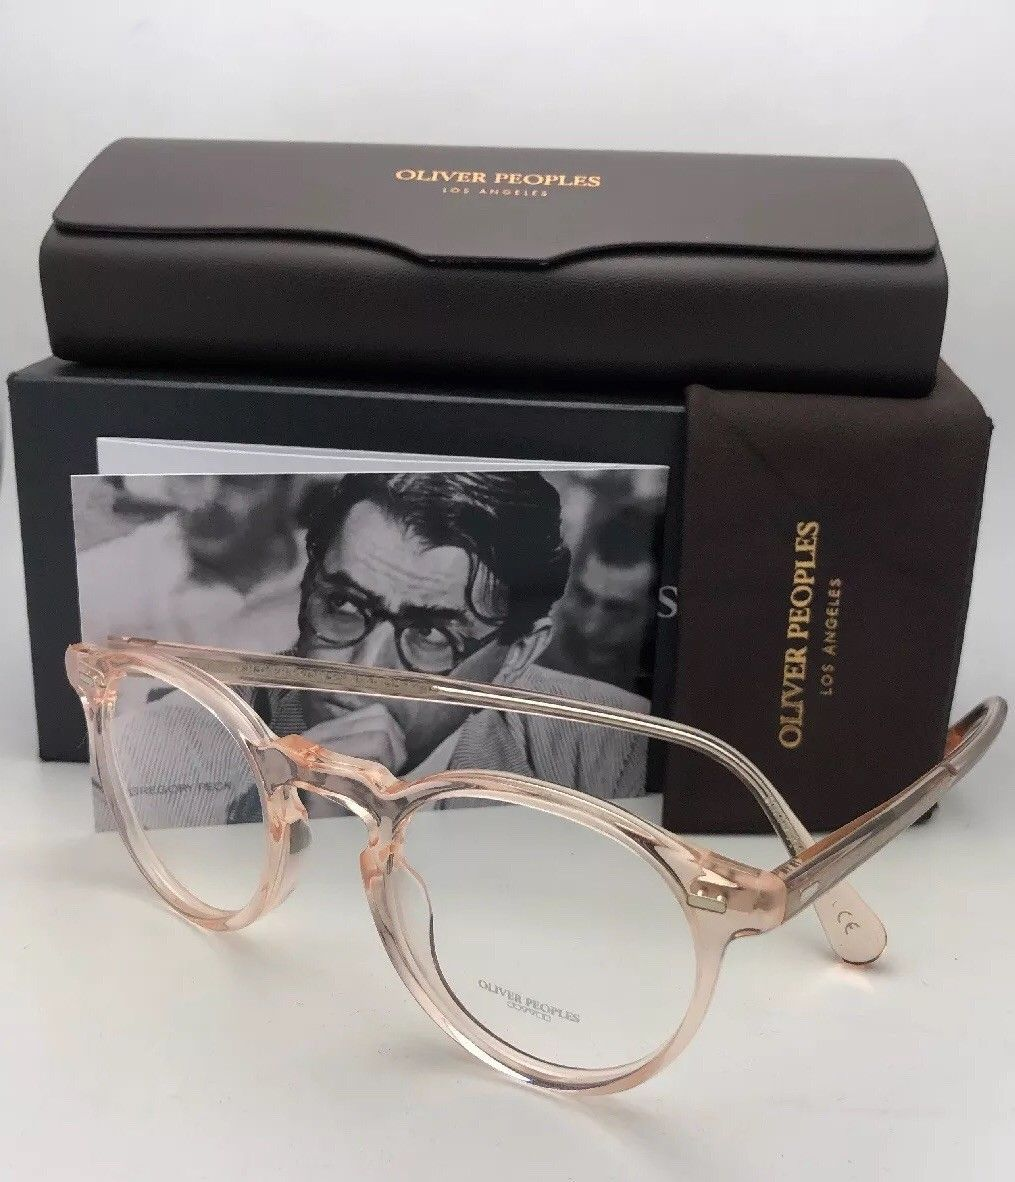 b9af8d696b 57. 57. New OLIVER PEOPLES Eyeglasses GREGORY PECK OV 5186 1652 45-23 Round  Silk Frames. New ...